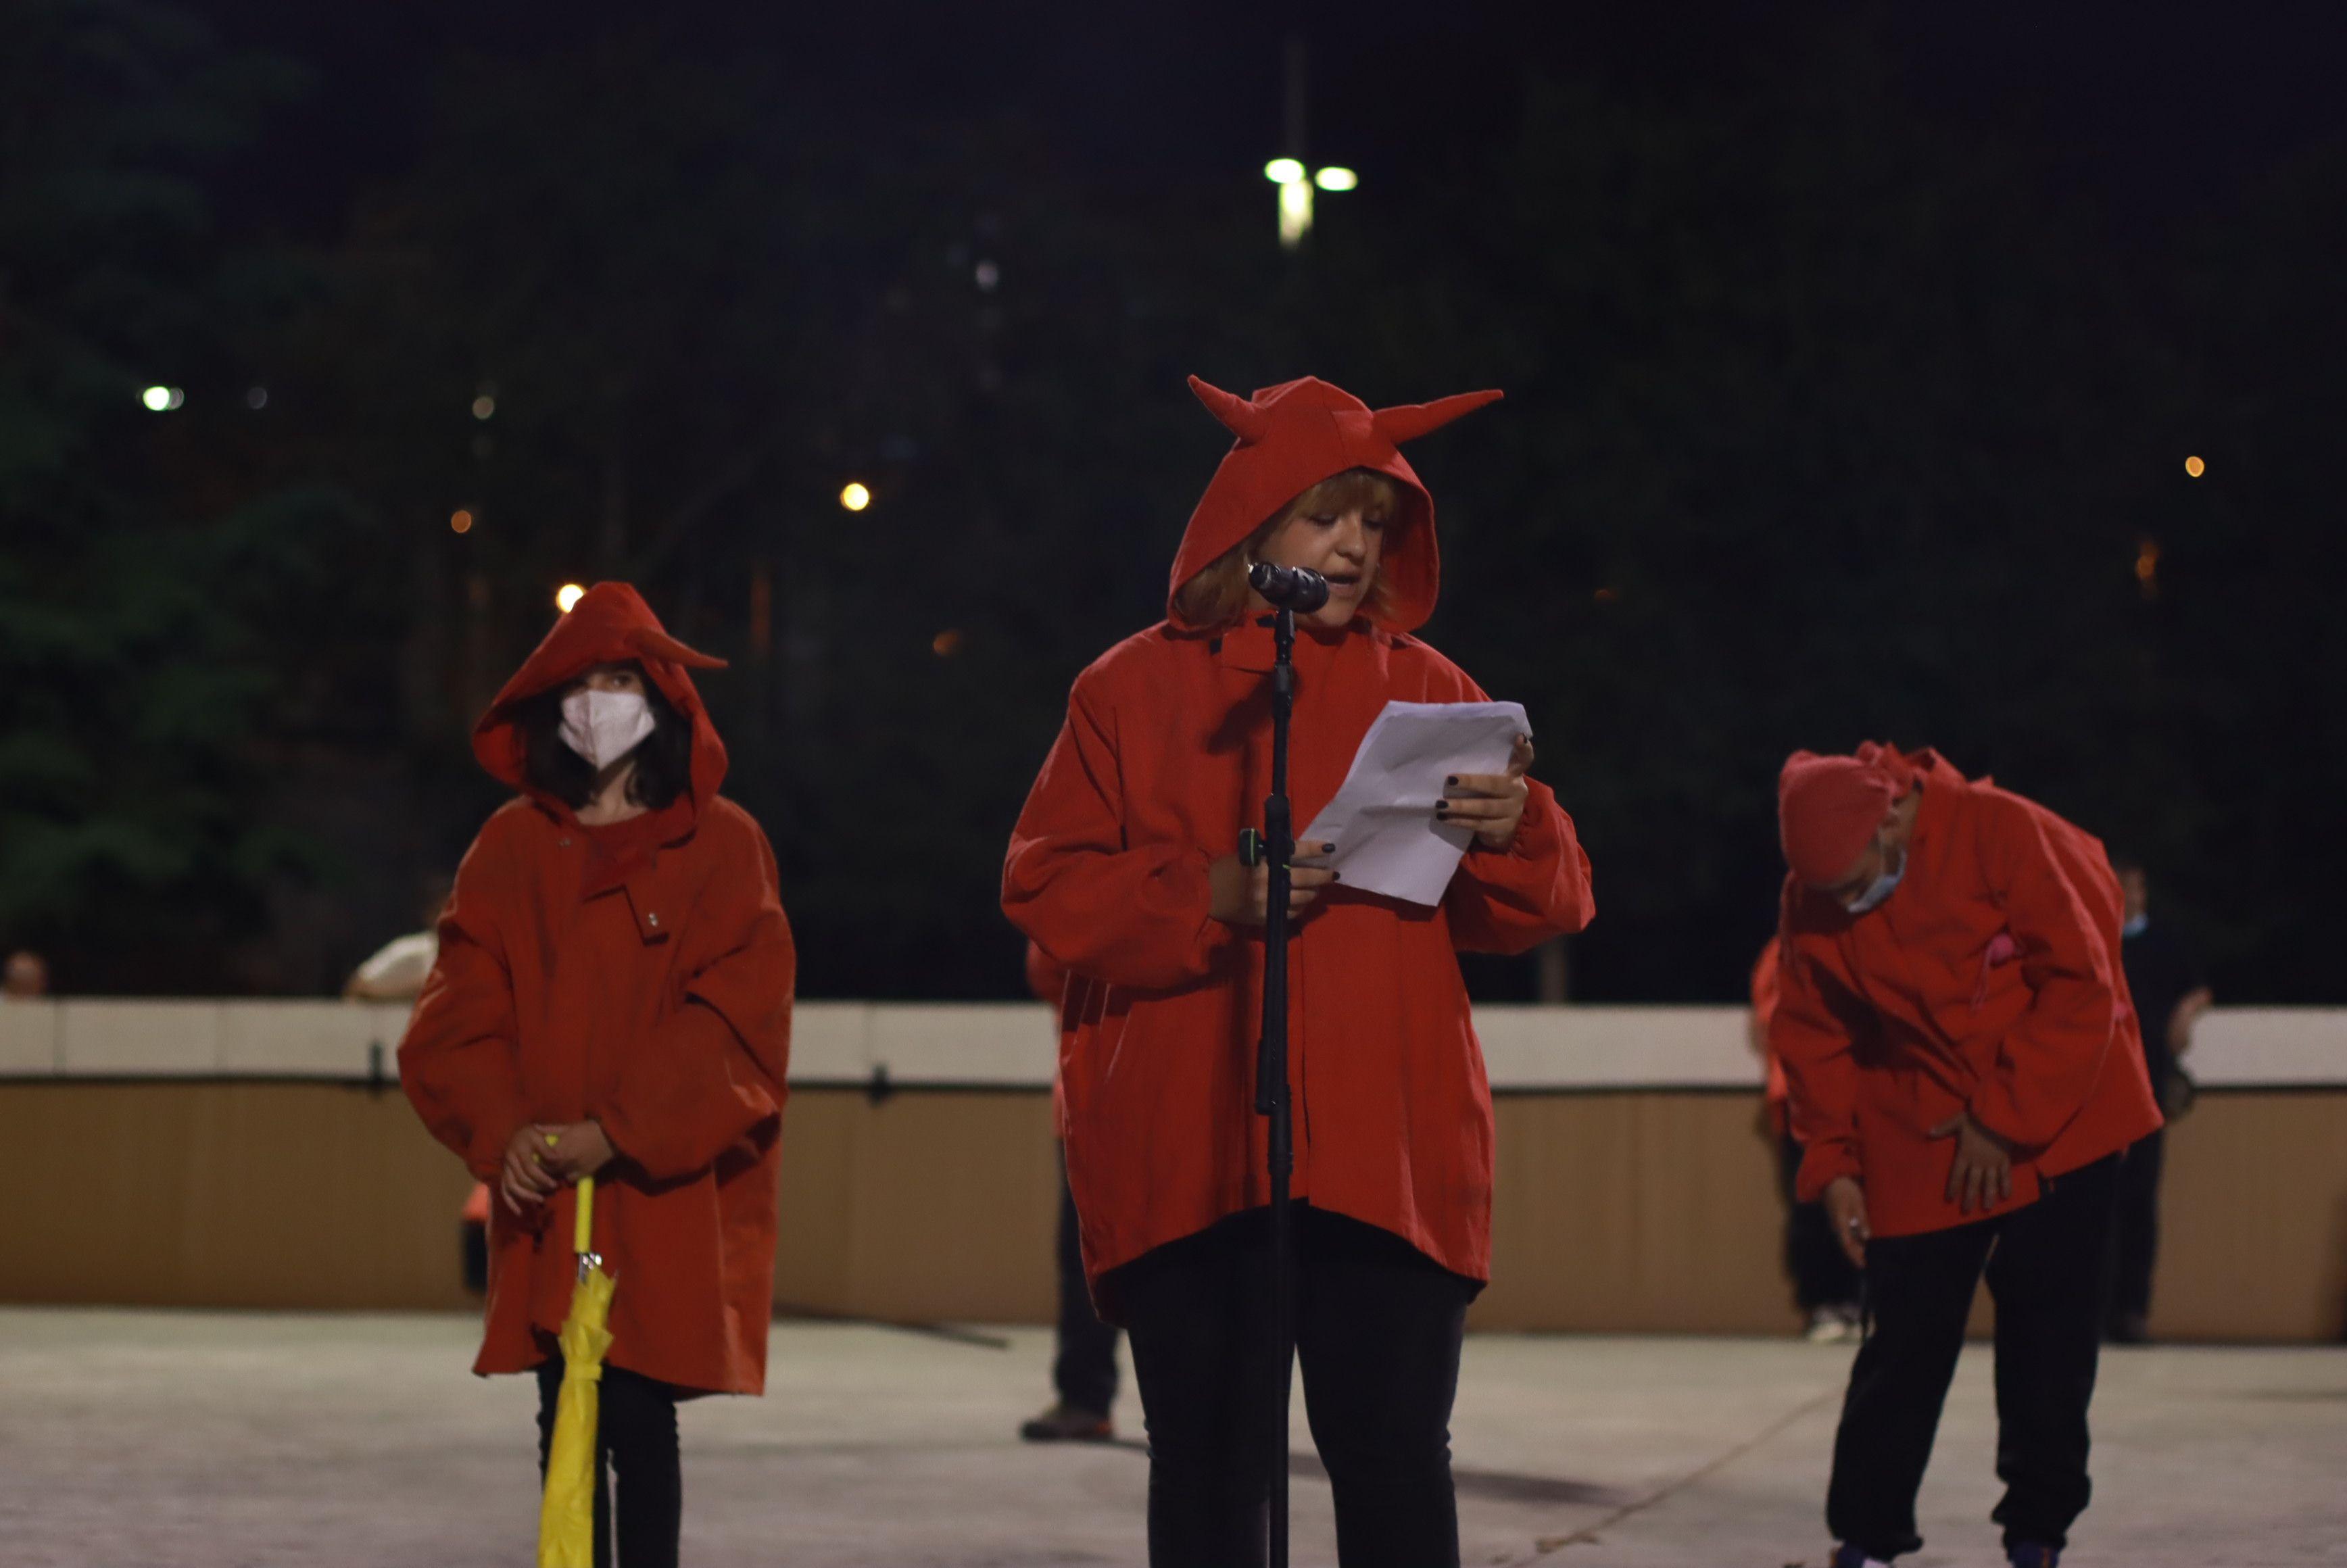 Versots amb la Colla de Diables de la Riera, la Colla de Diables Rubeo Diablorum i la Colla de Diables de Rubí. FOTO: Josep Llamas